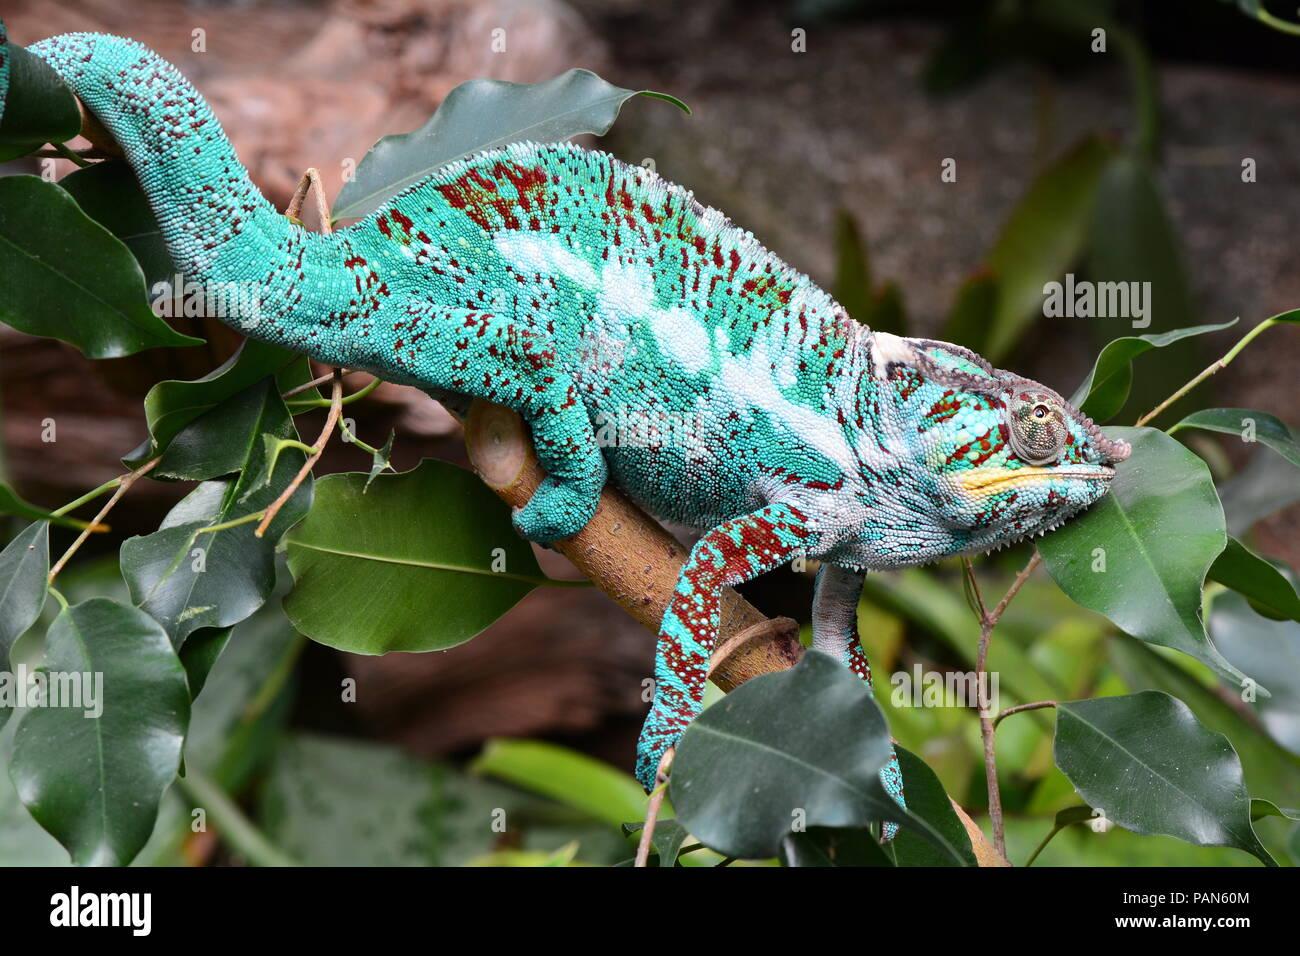 Un colorido chameleon paseos alrededor de su entorno, mostrando su belleza. Imagen De Stock